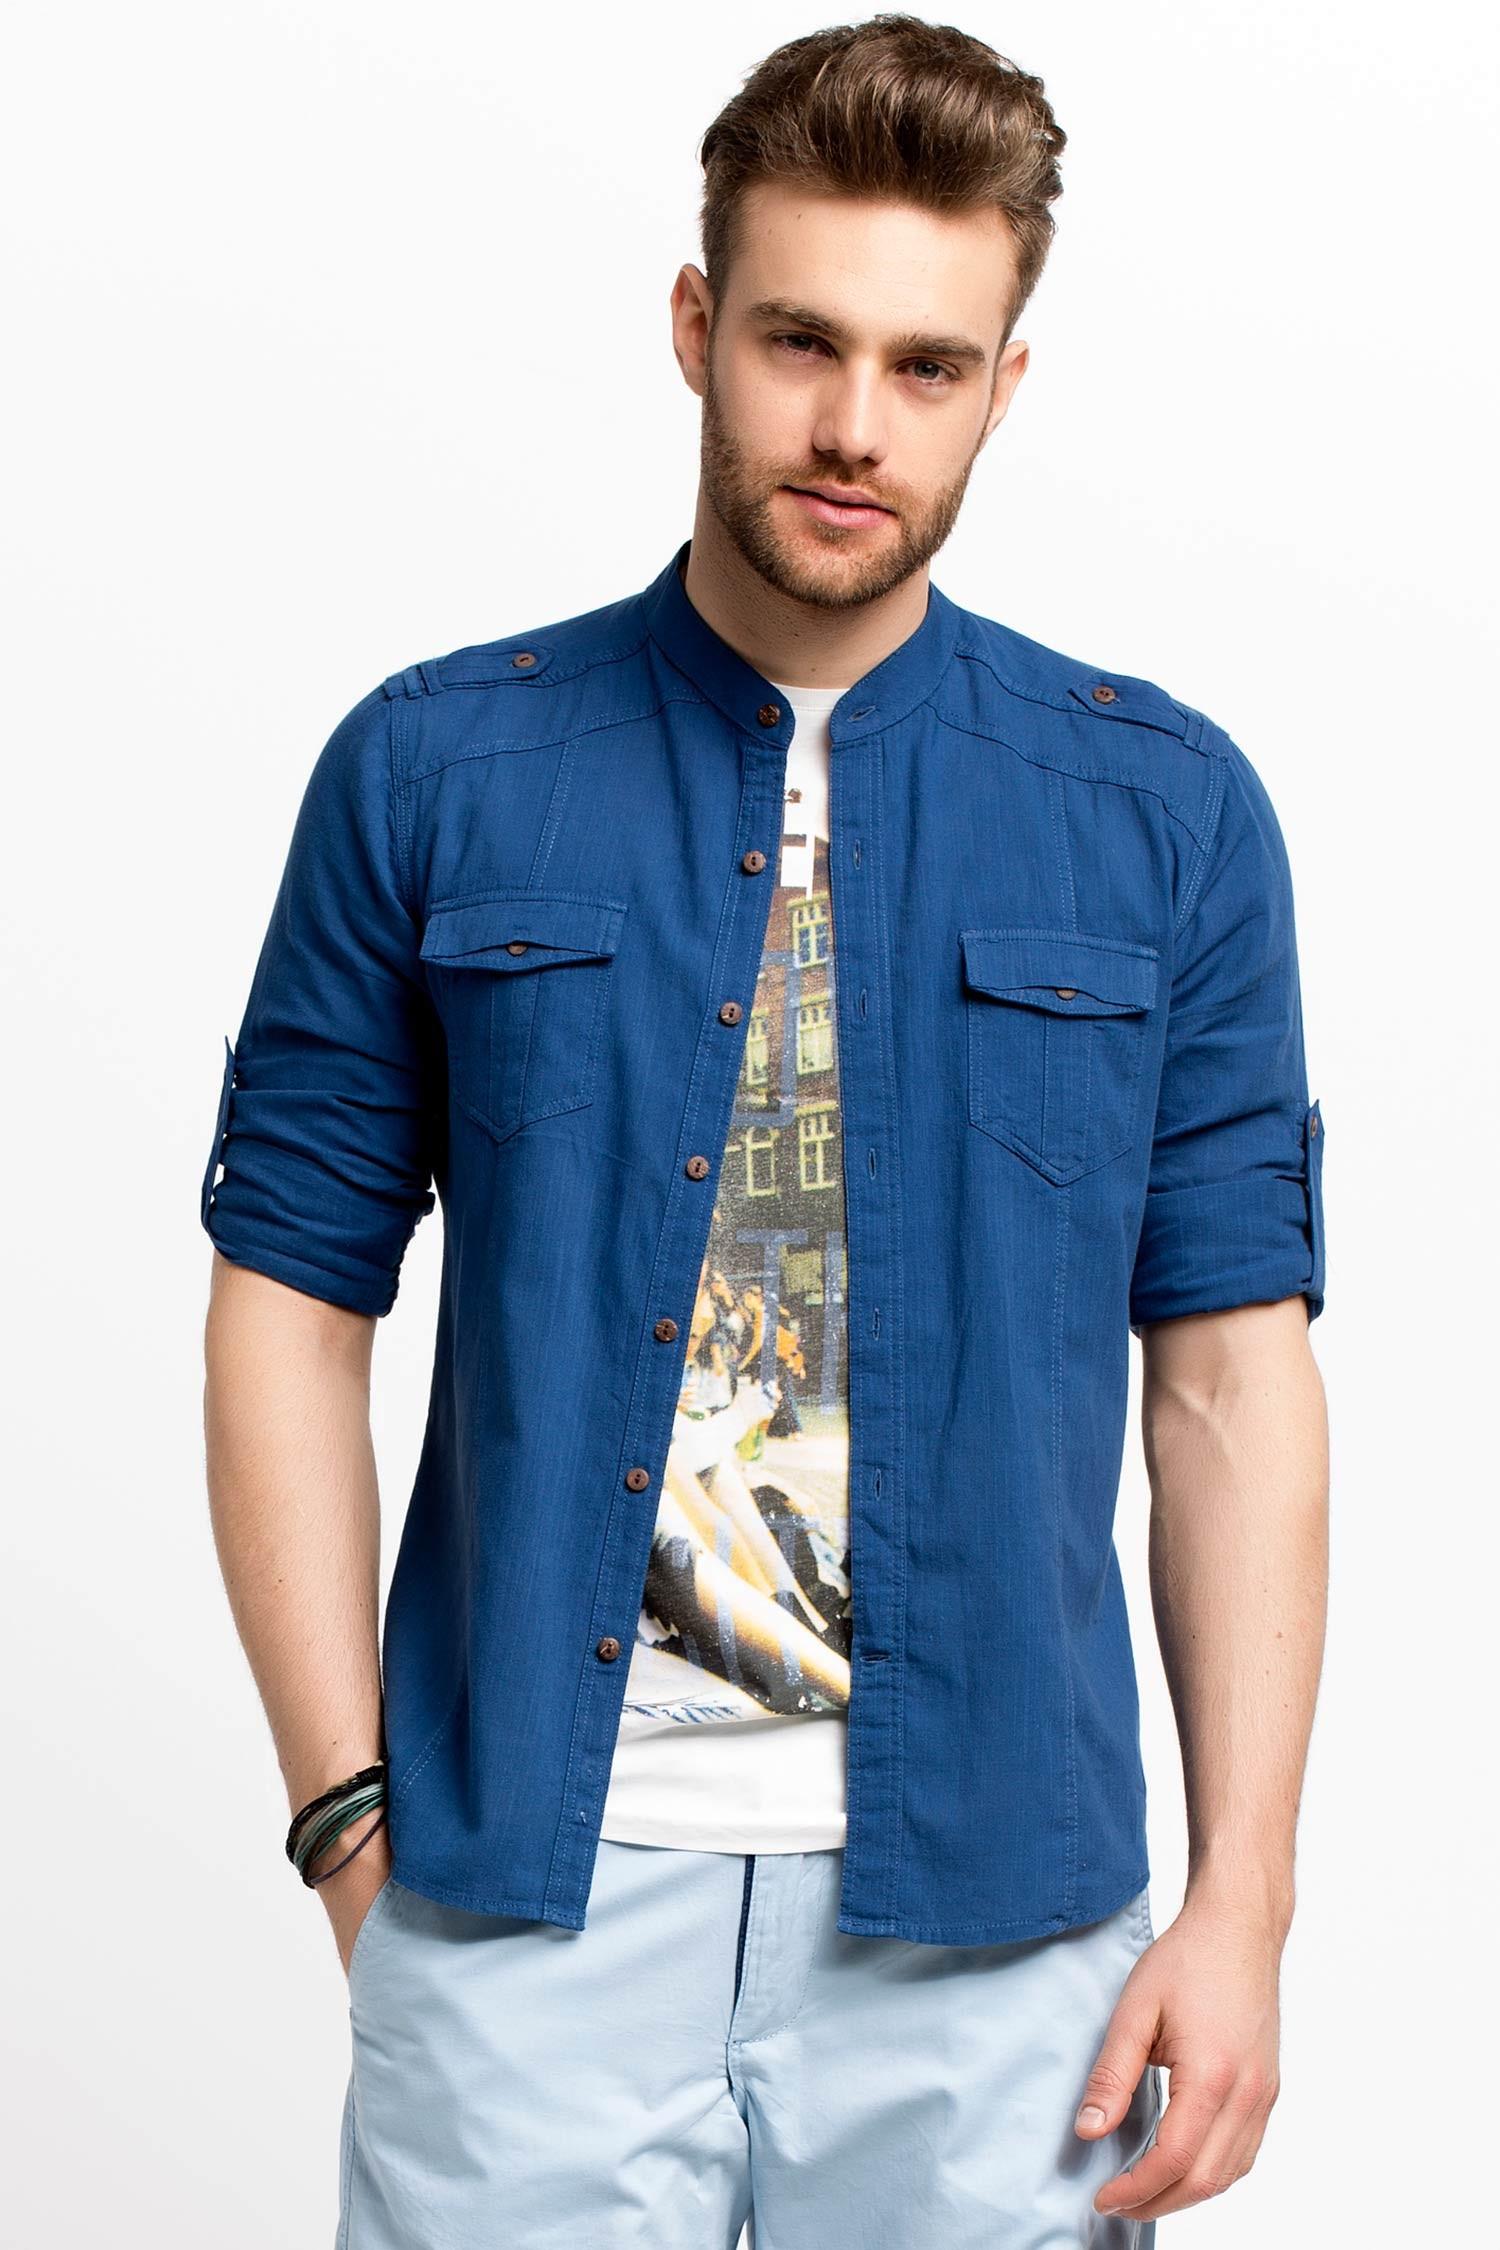 بالصور ملابس رجالية , تعرف علي اشيك موديلات الملابس الرجالي 3463 4